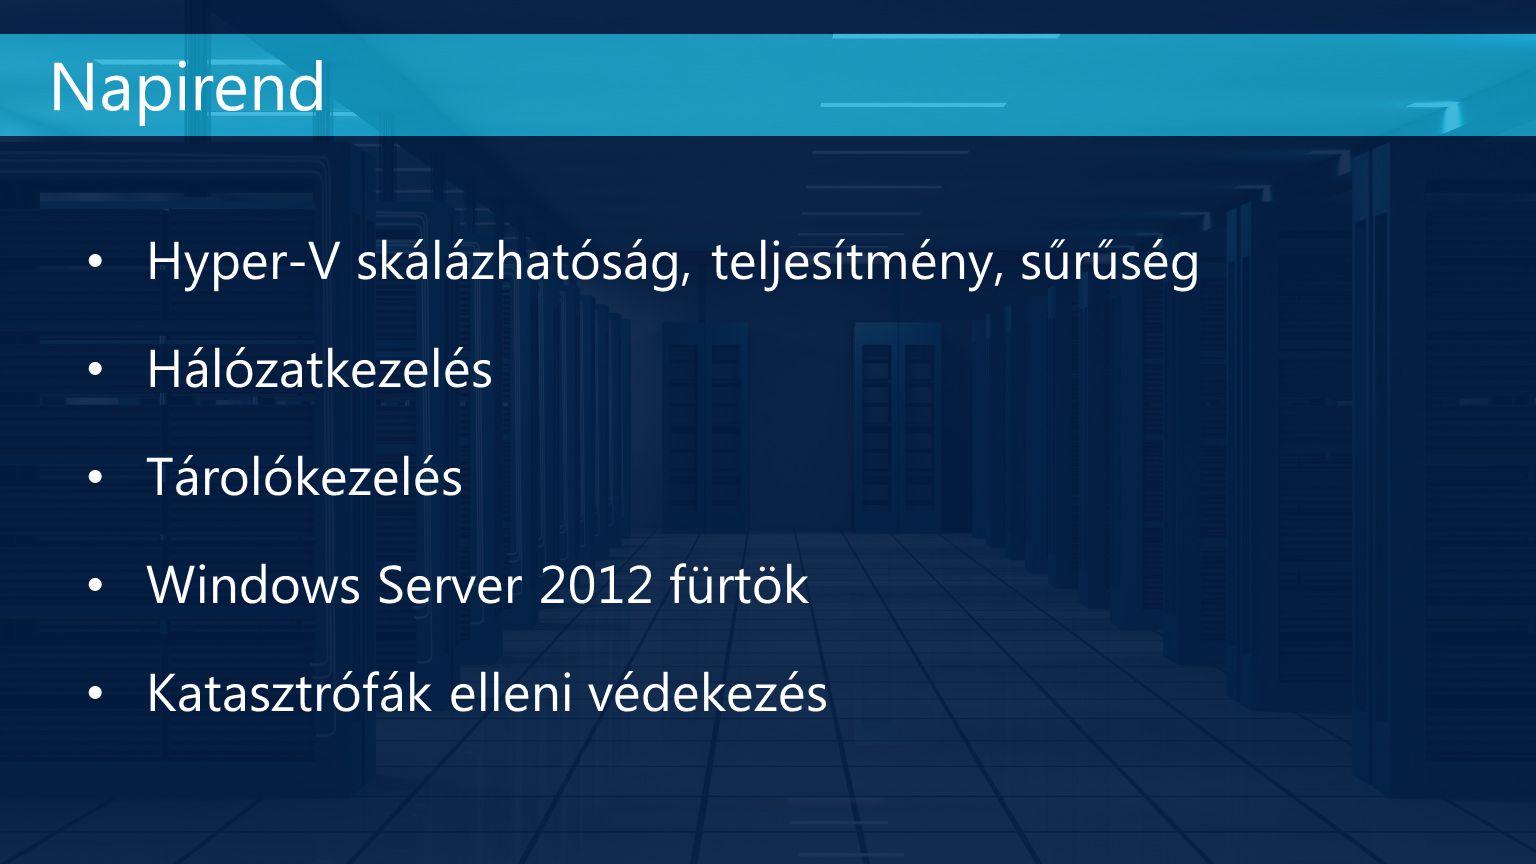 Hyper-V skálázhatóság, teljesítmény, sűrűség Hálózatkezelés Tárolókezelés Windows Server 2012 fürtök Katasztrófák elleni védekezés Napirend